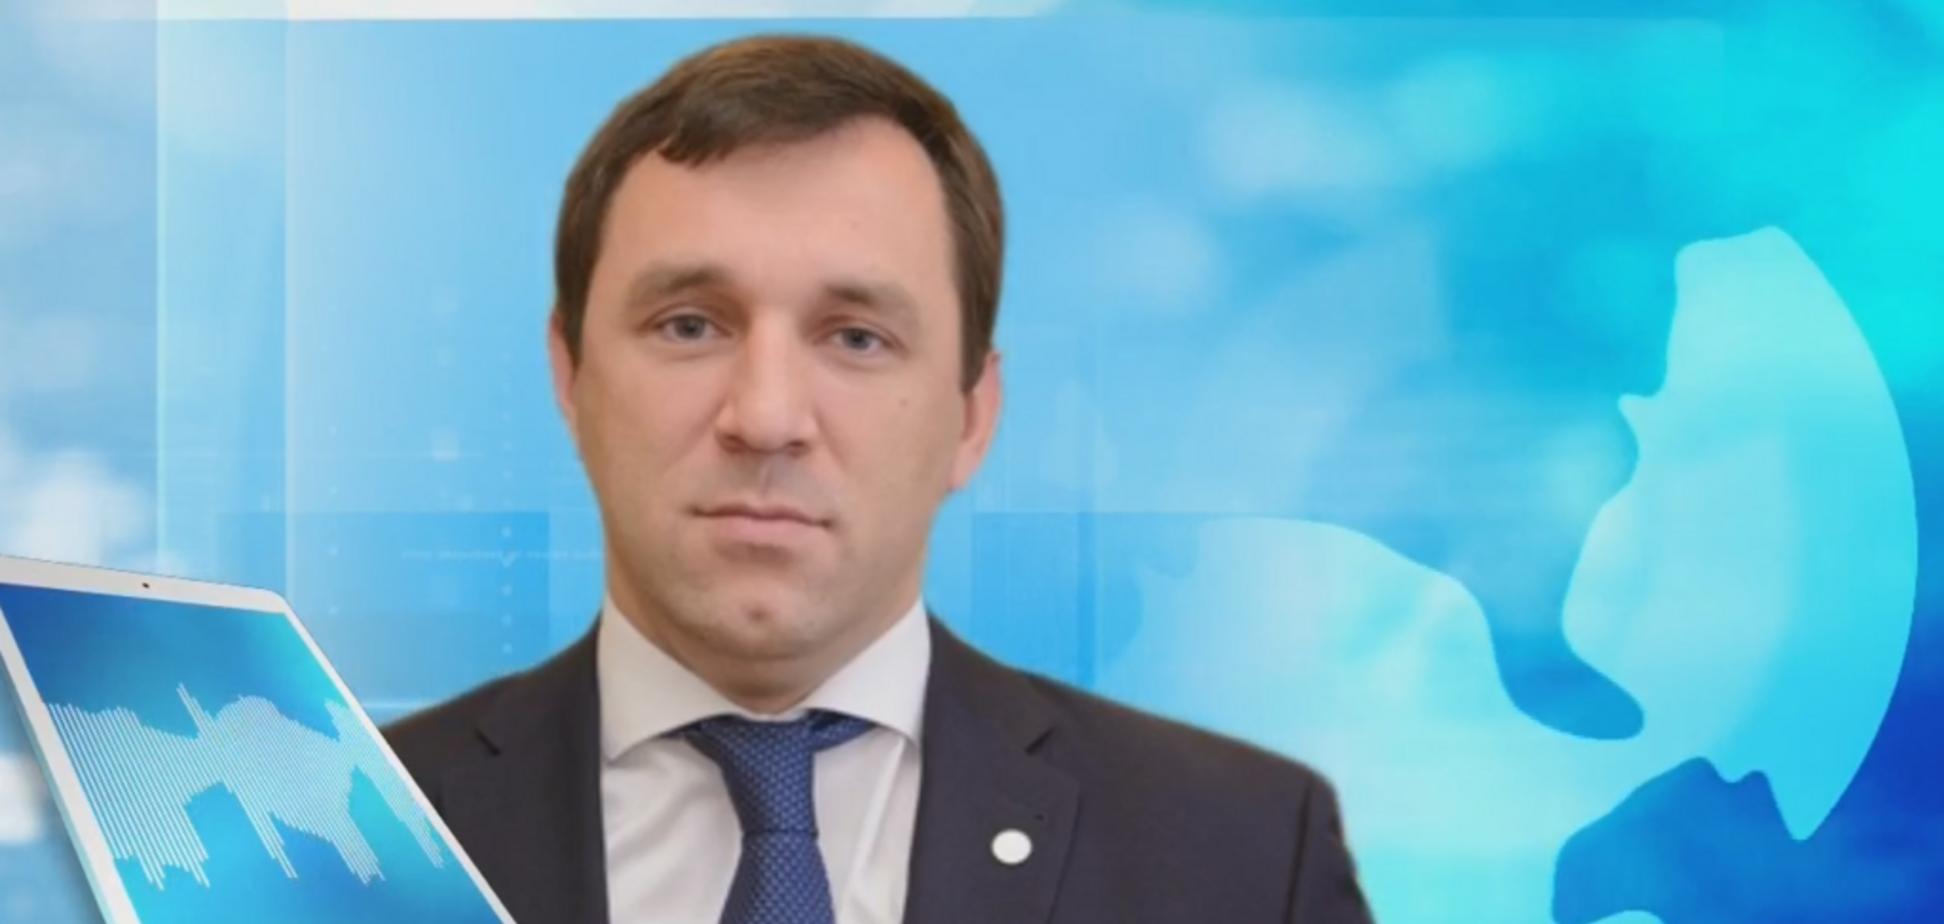 ''Ганебно і смішно'' – нардеп прокоментував нічне ухвалення Бюджету-2019